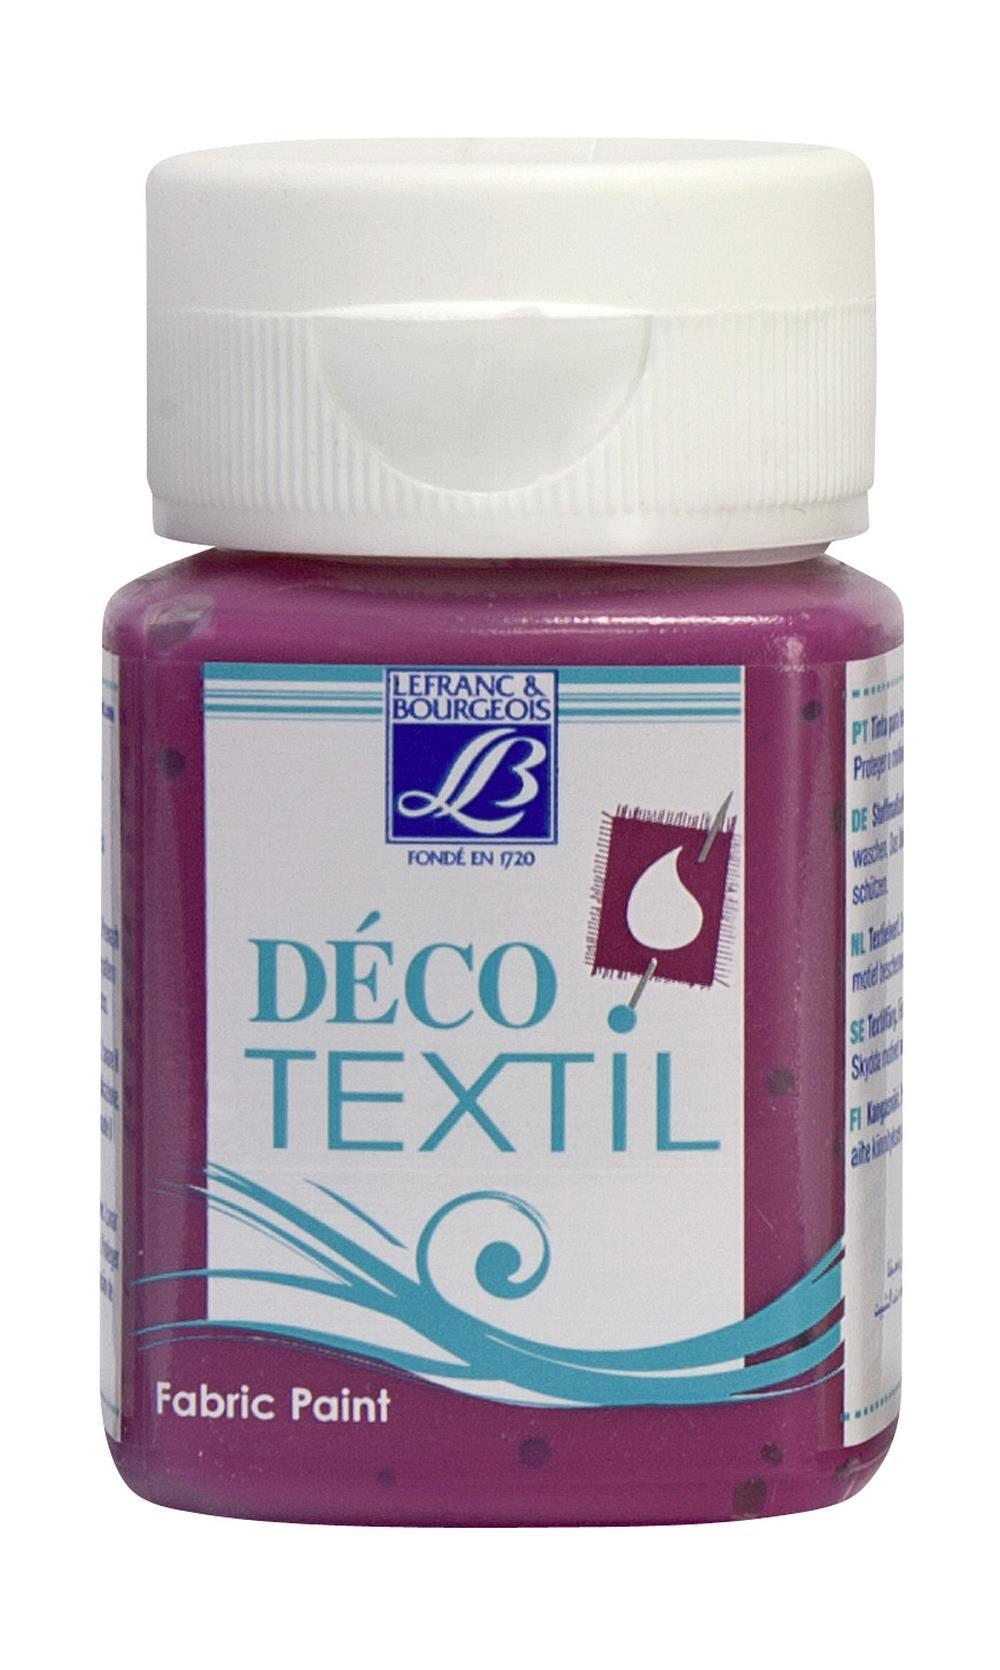 Tygfärg L&B Deco Textil 50ml  Intense raspberry - warm 315 (4F) Utgår